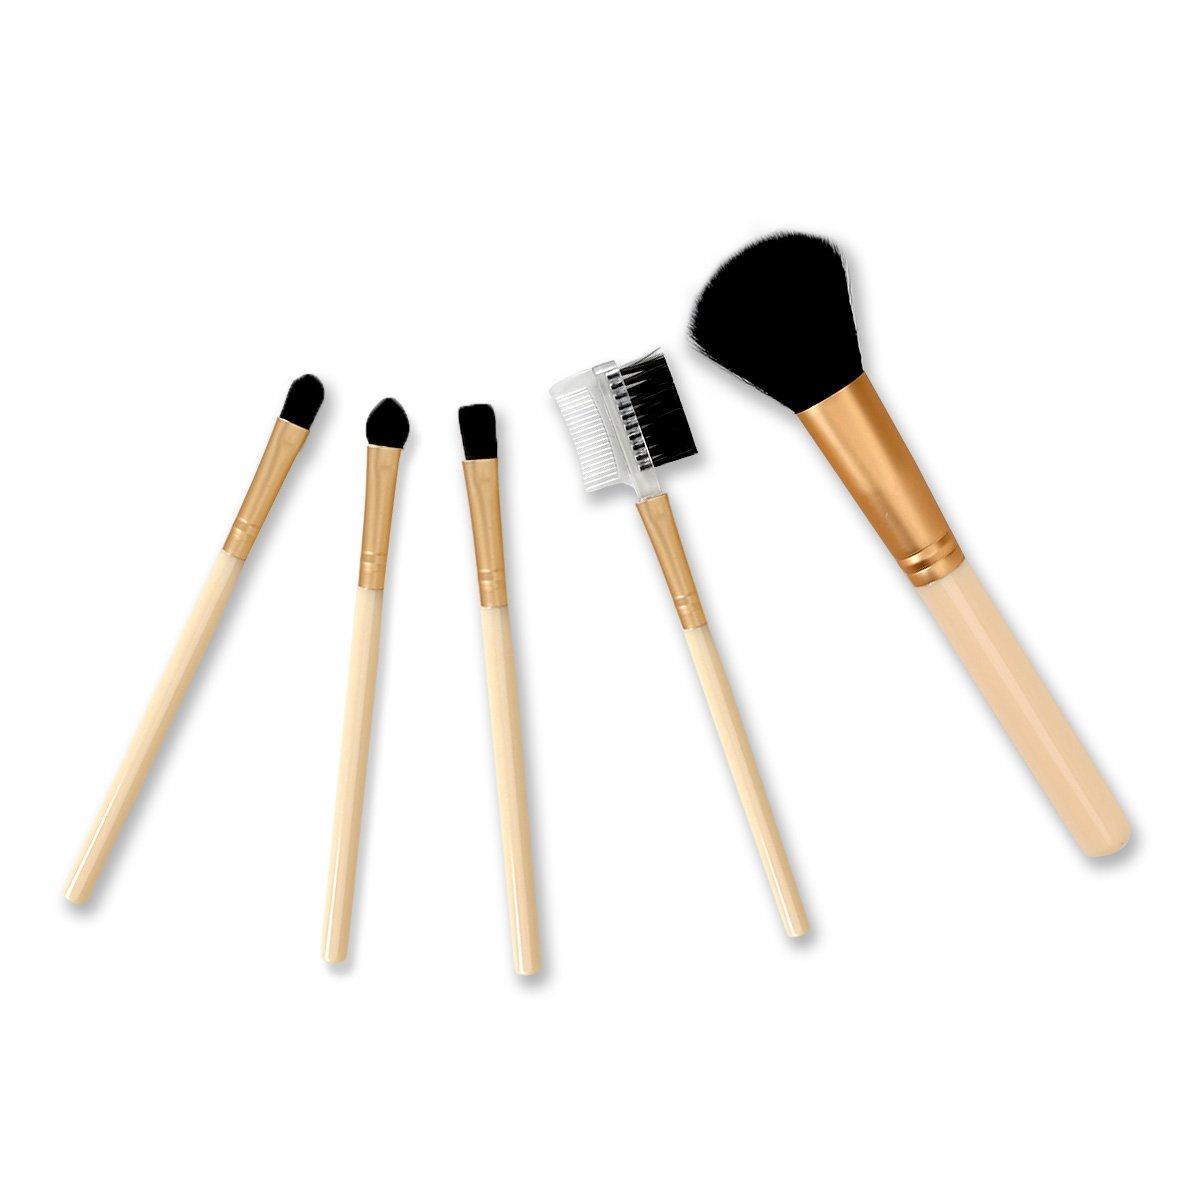 Kit de Pincéis para Maquiagem Dourados Drezzup